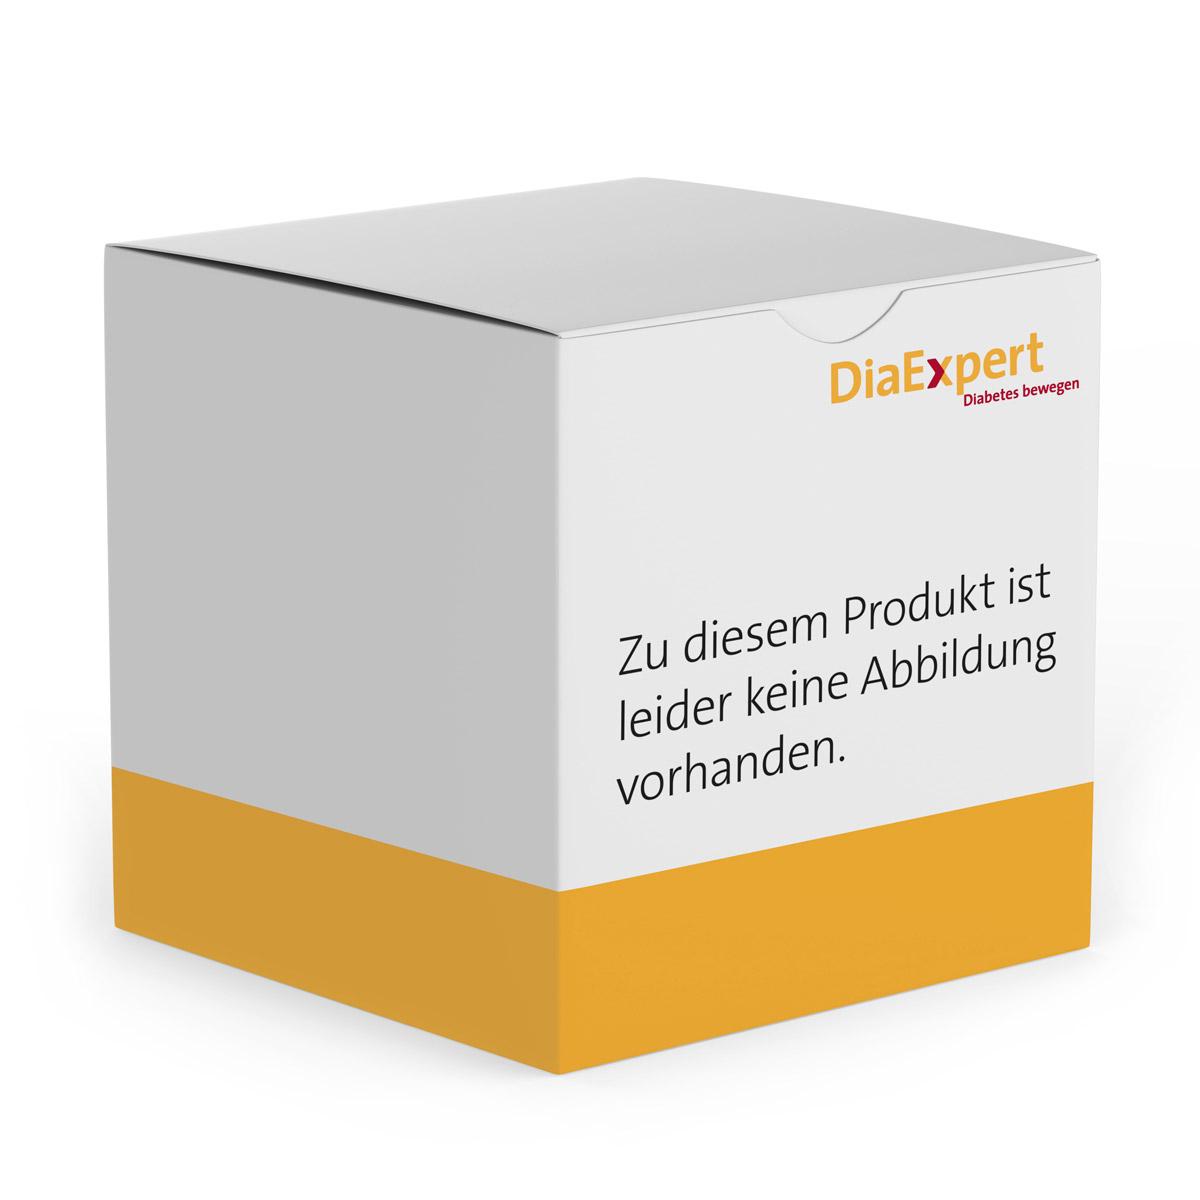 Accu-Chek Insight Insulinpumpensystem mg/dL